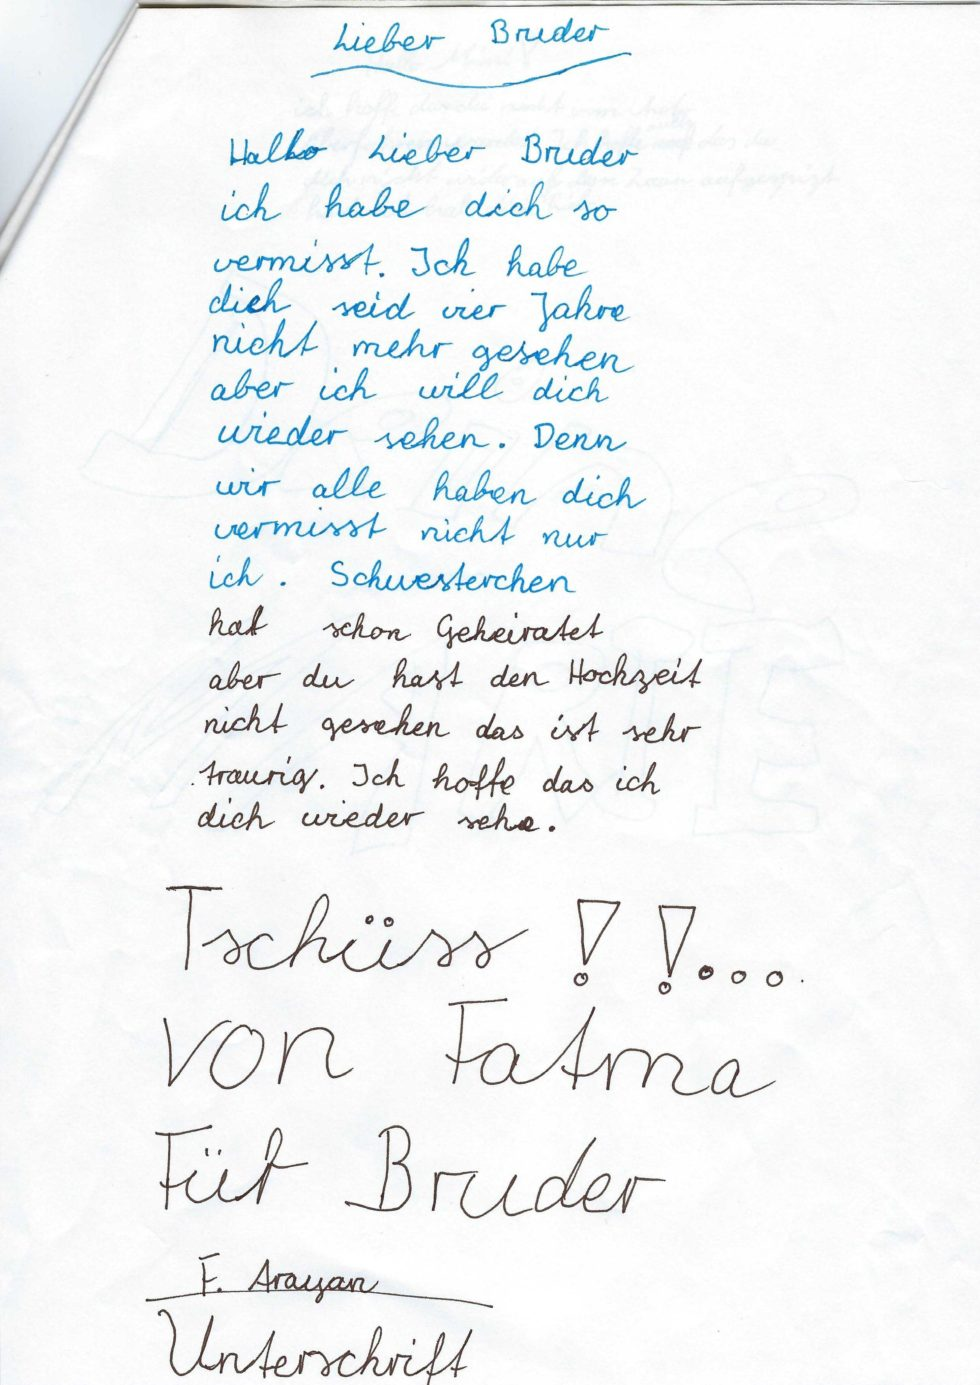 Schulprojekt2004_Die Werke der Kinder_Seite_01